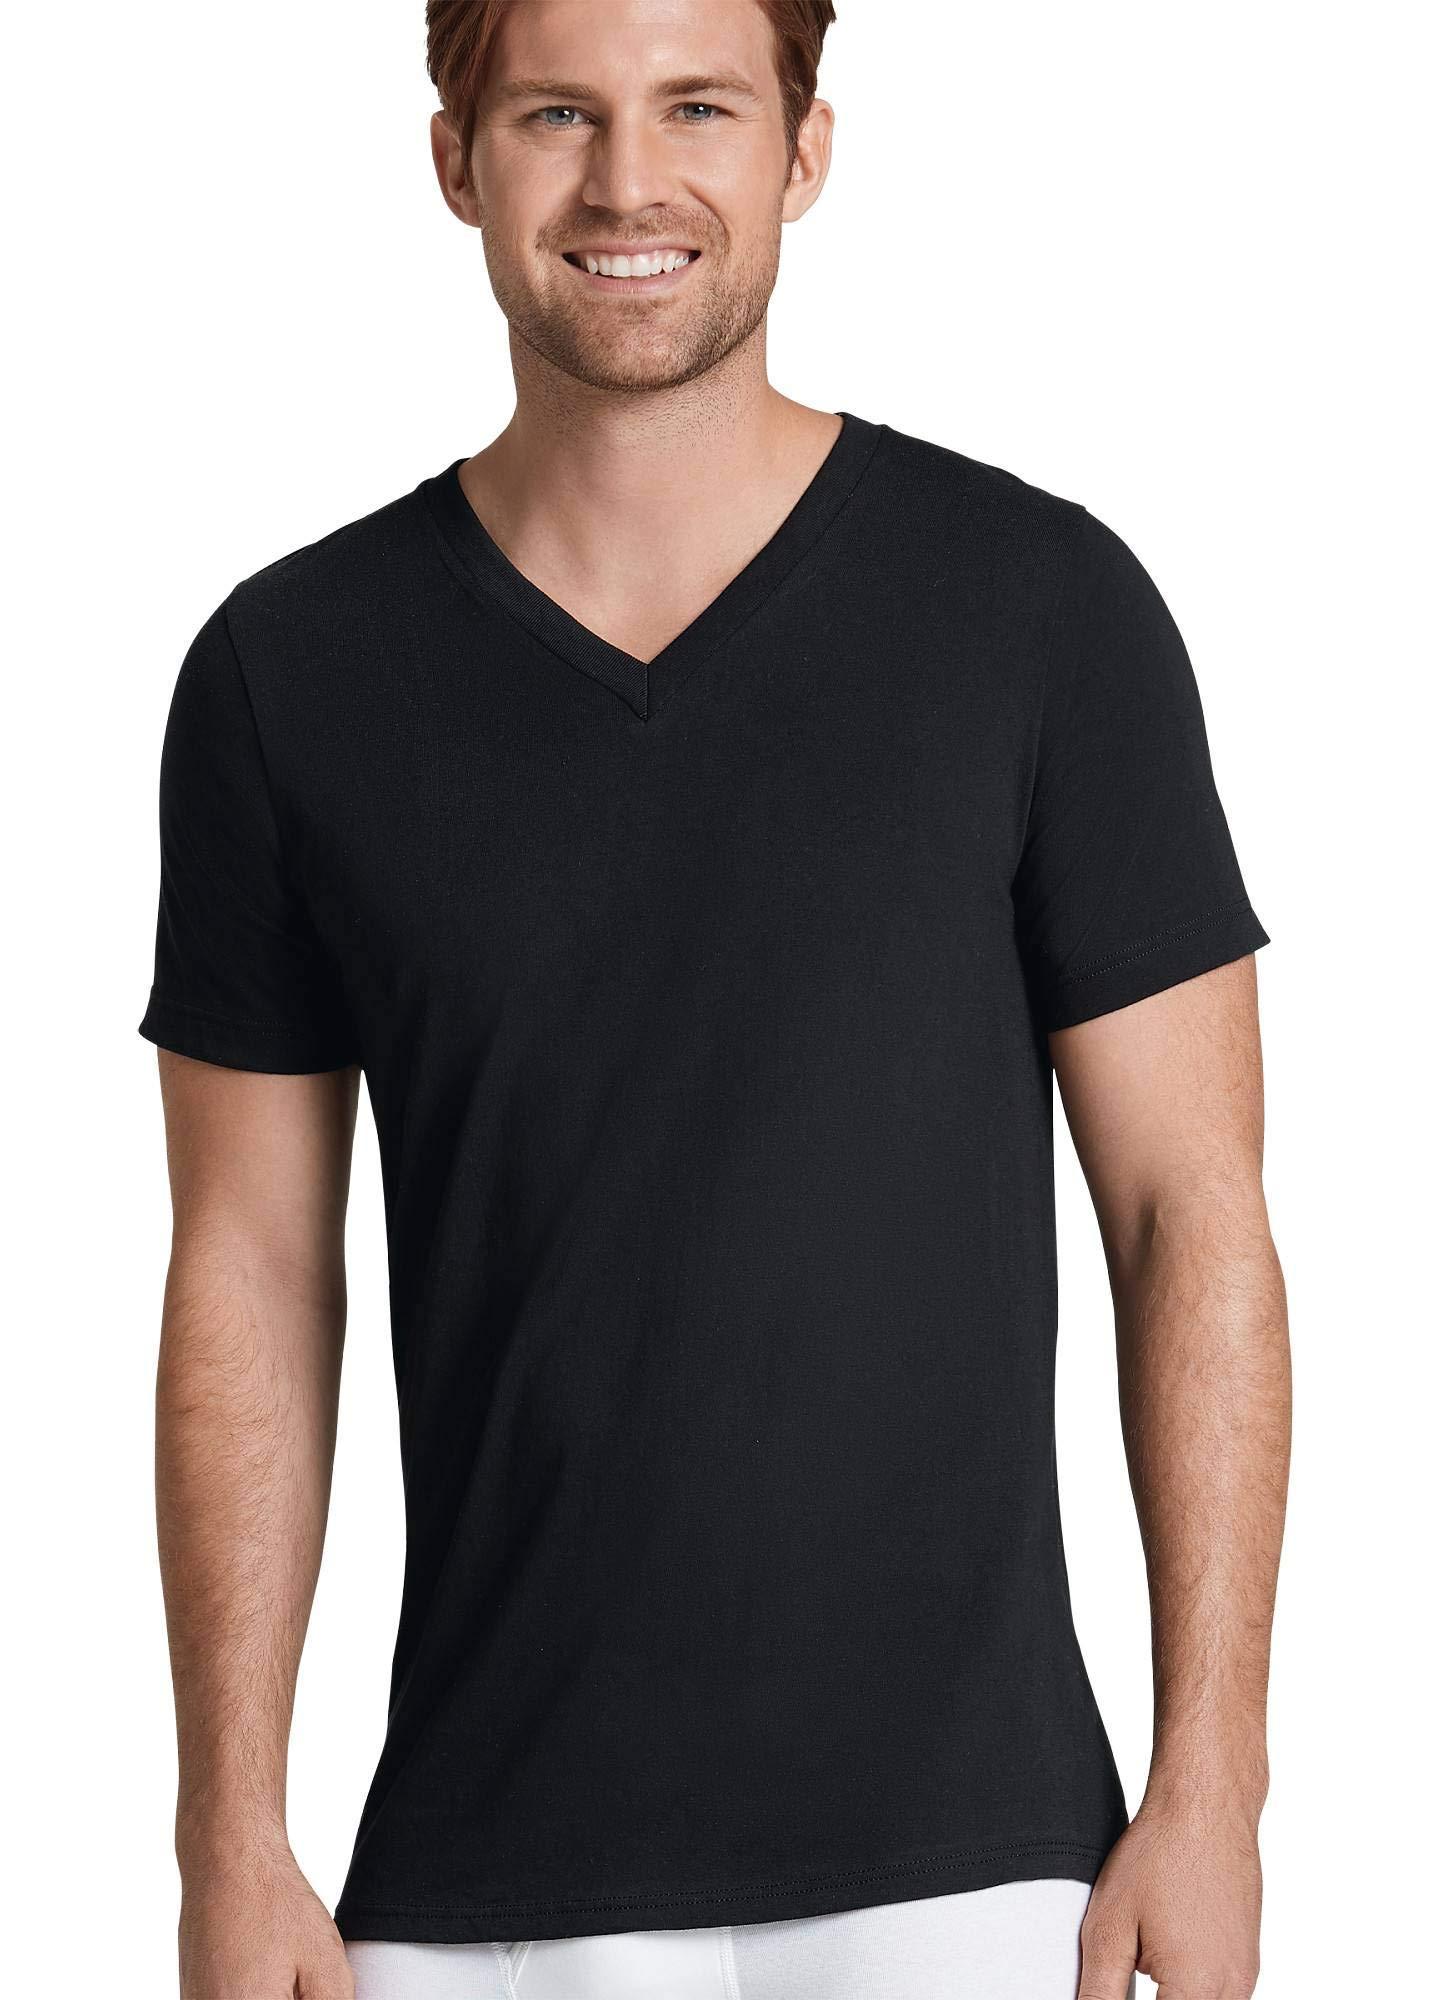 Jockey Men's T-Shirts Classic V-Neck T-Shirt - 6 Pack, Black, M by Jockey